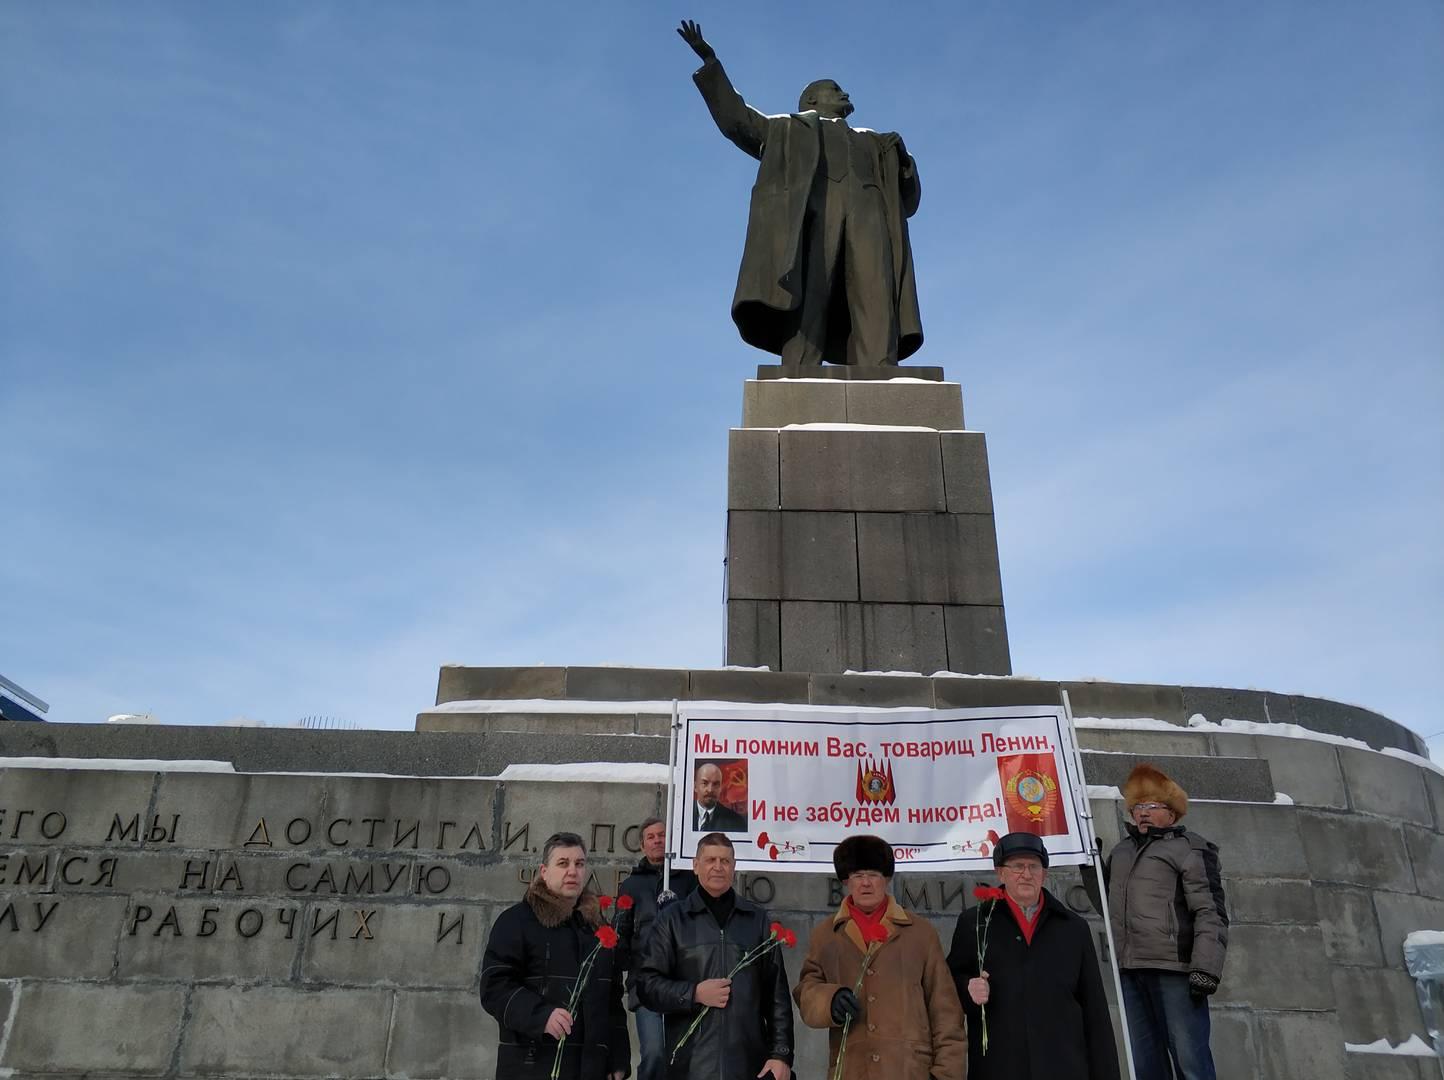 Памятник В.И. Ленину. Екатеринбург